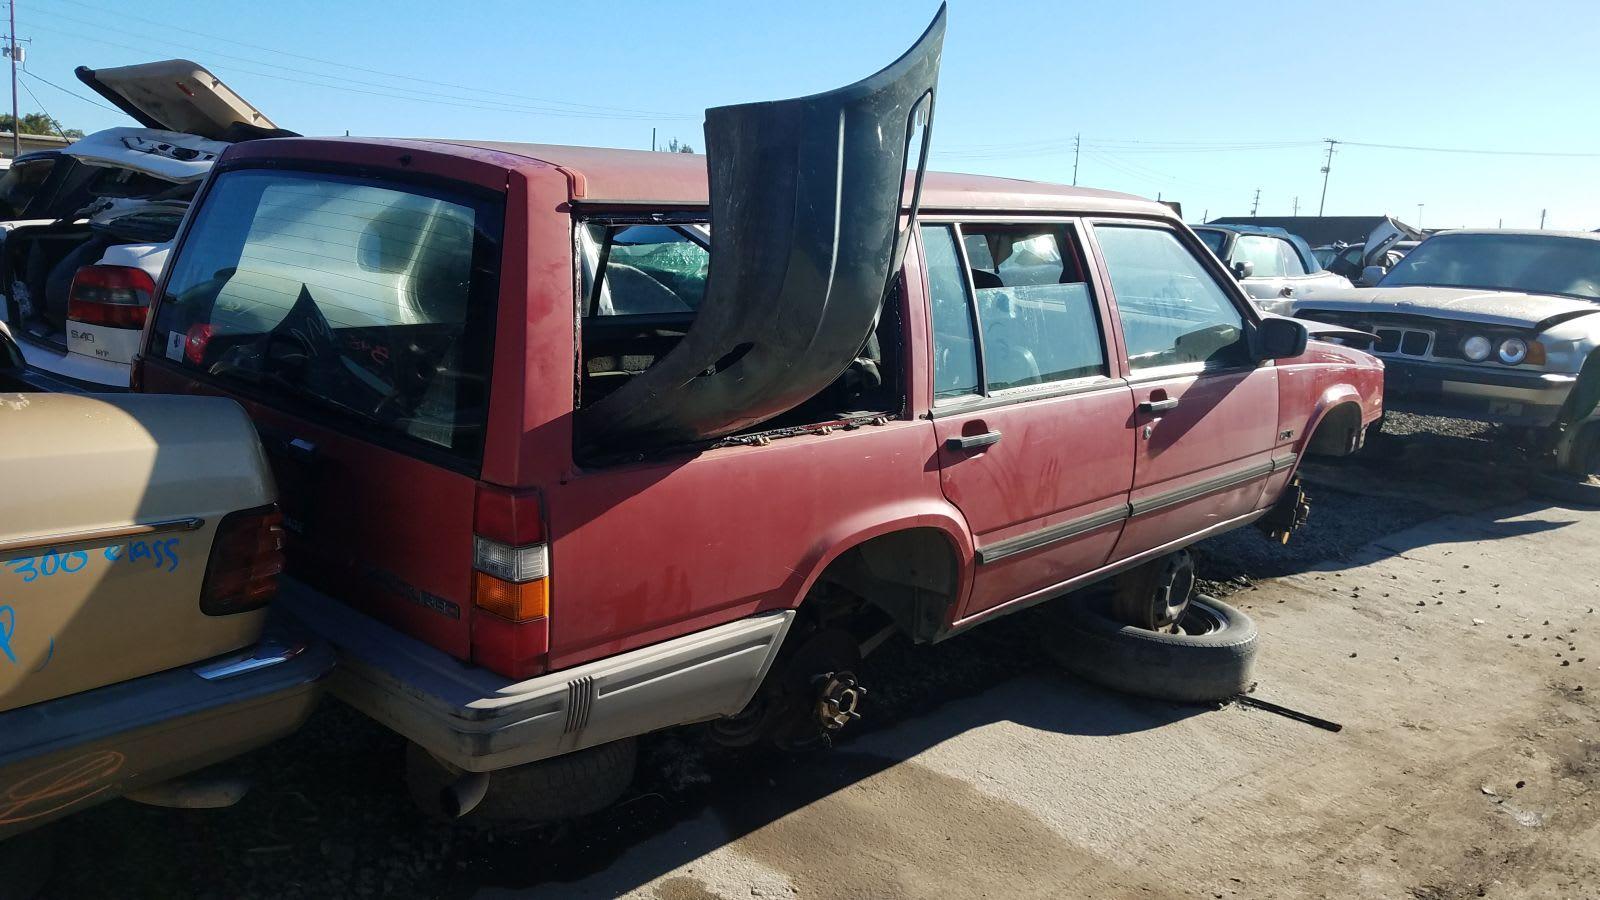 1991 Volvo 740 Turbo Wagon In California Wrecking Yard